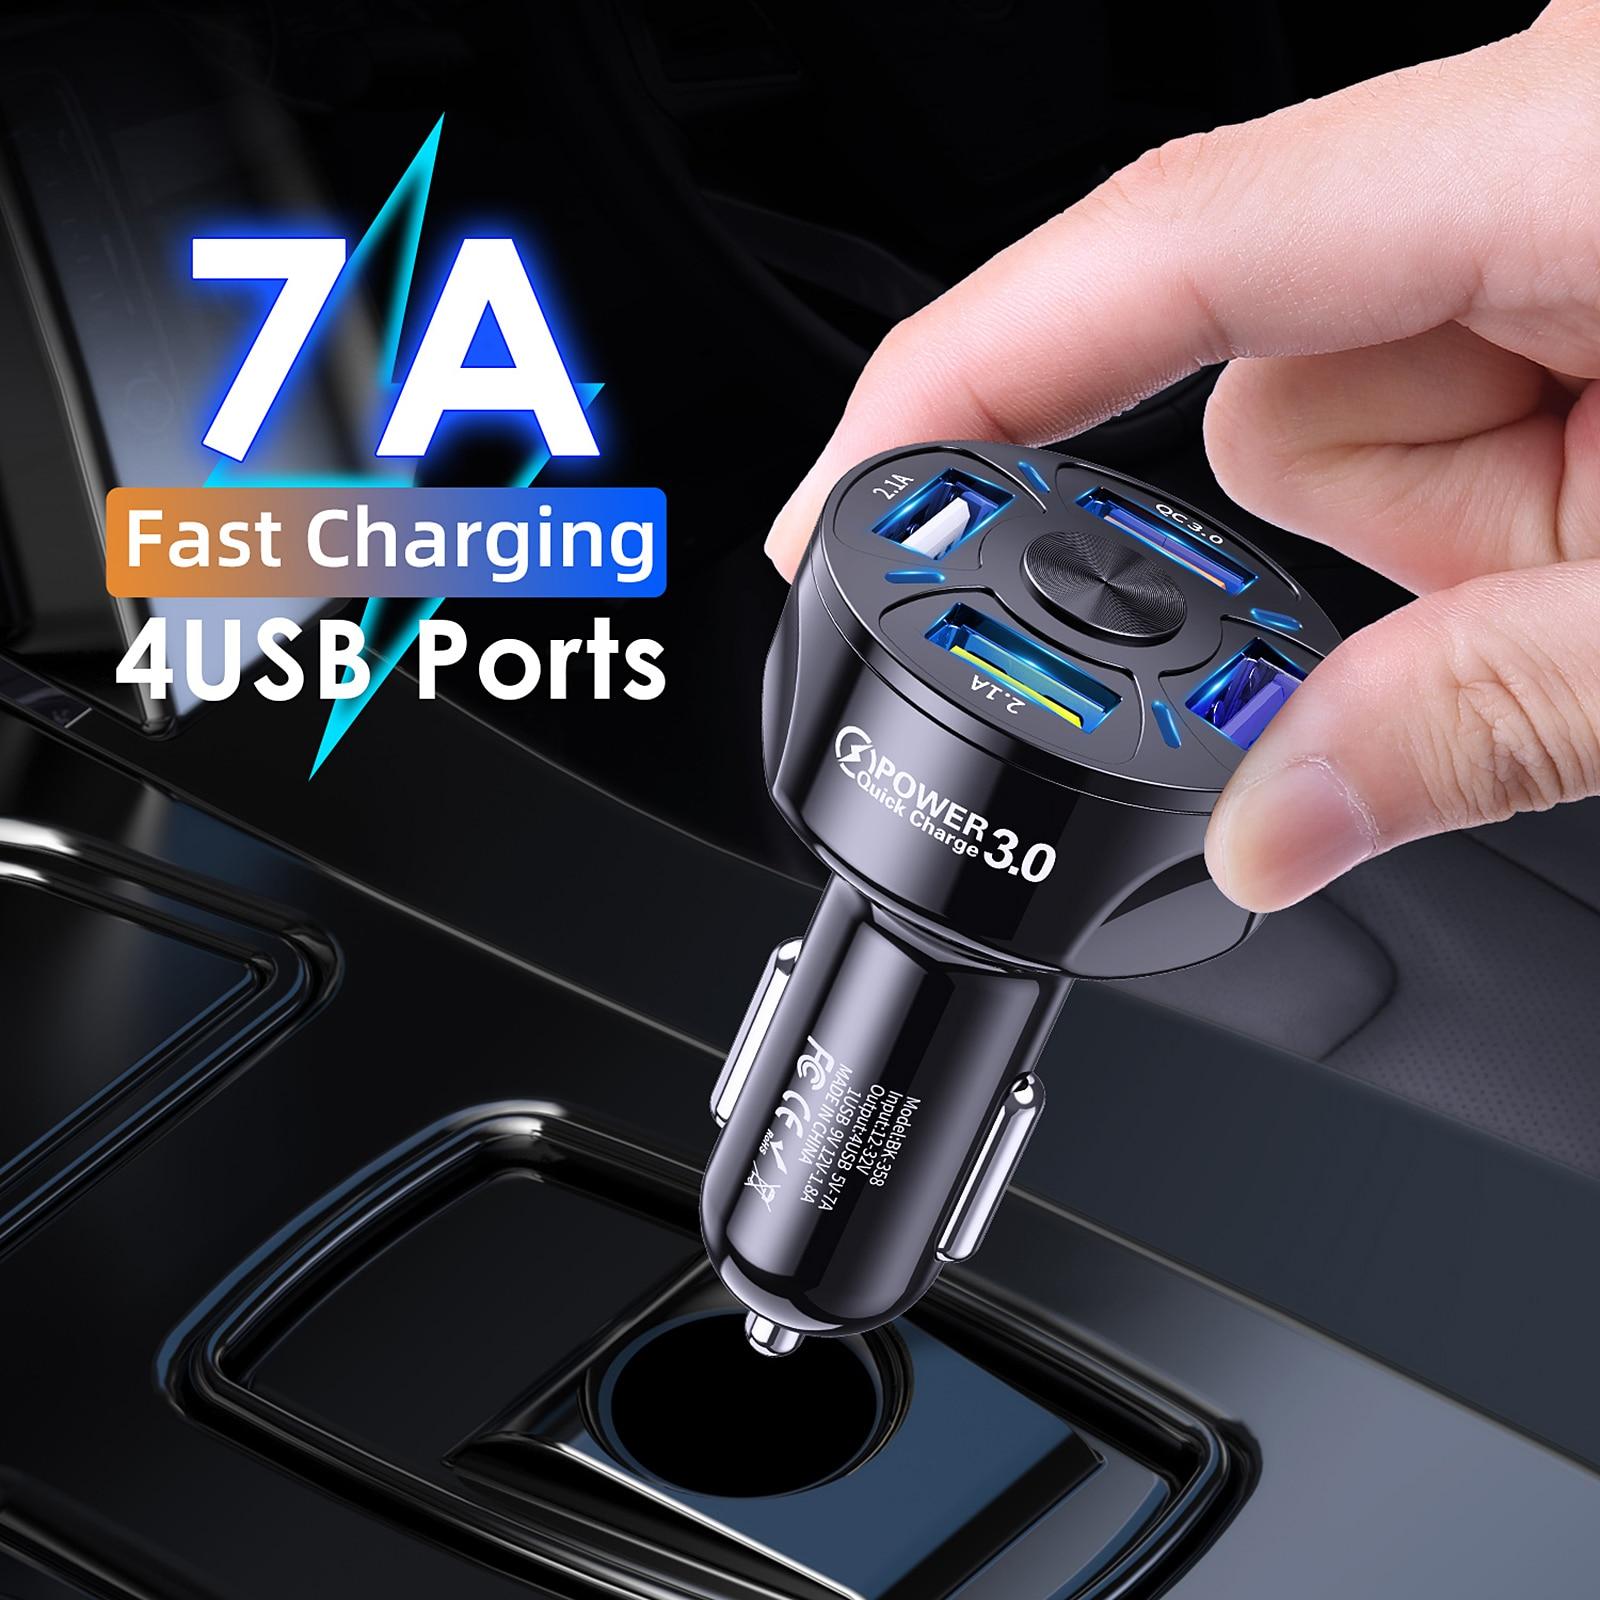 Автомобильное зарядное USB-устройство для сигарет, 48 Вт, 7 А, 4 порта, USB 3,0, быстрая зарядка 2,1 А, универсальная Быстрая зарядка для iphone, Samsung, Huawei